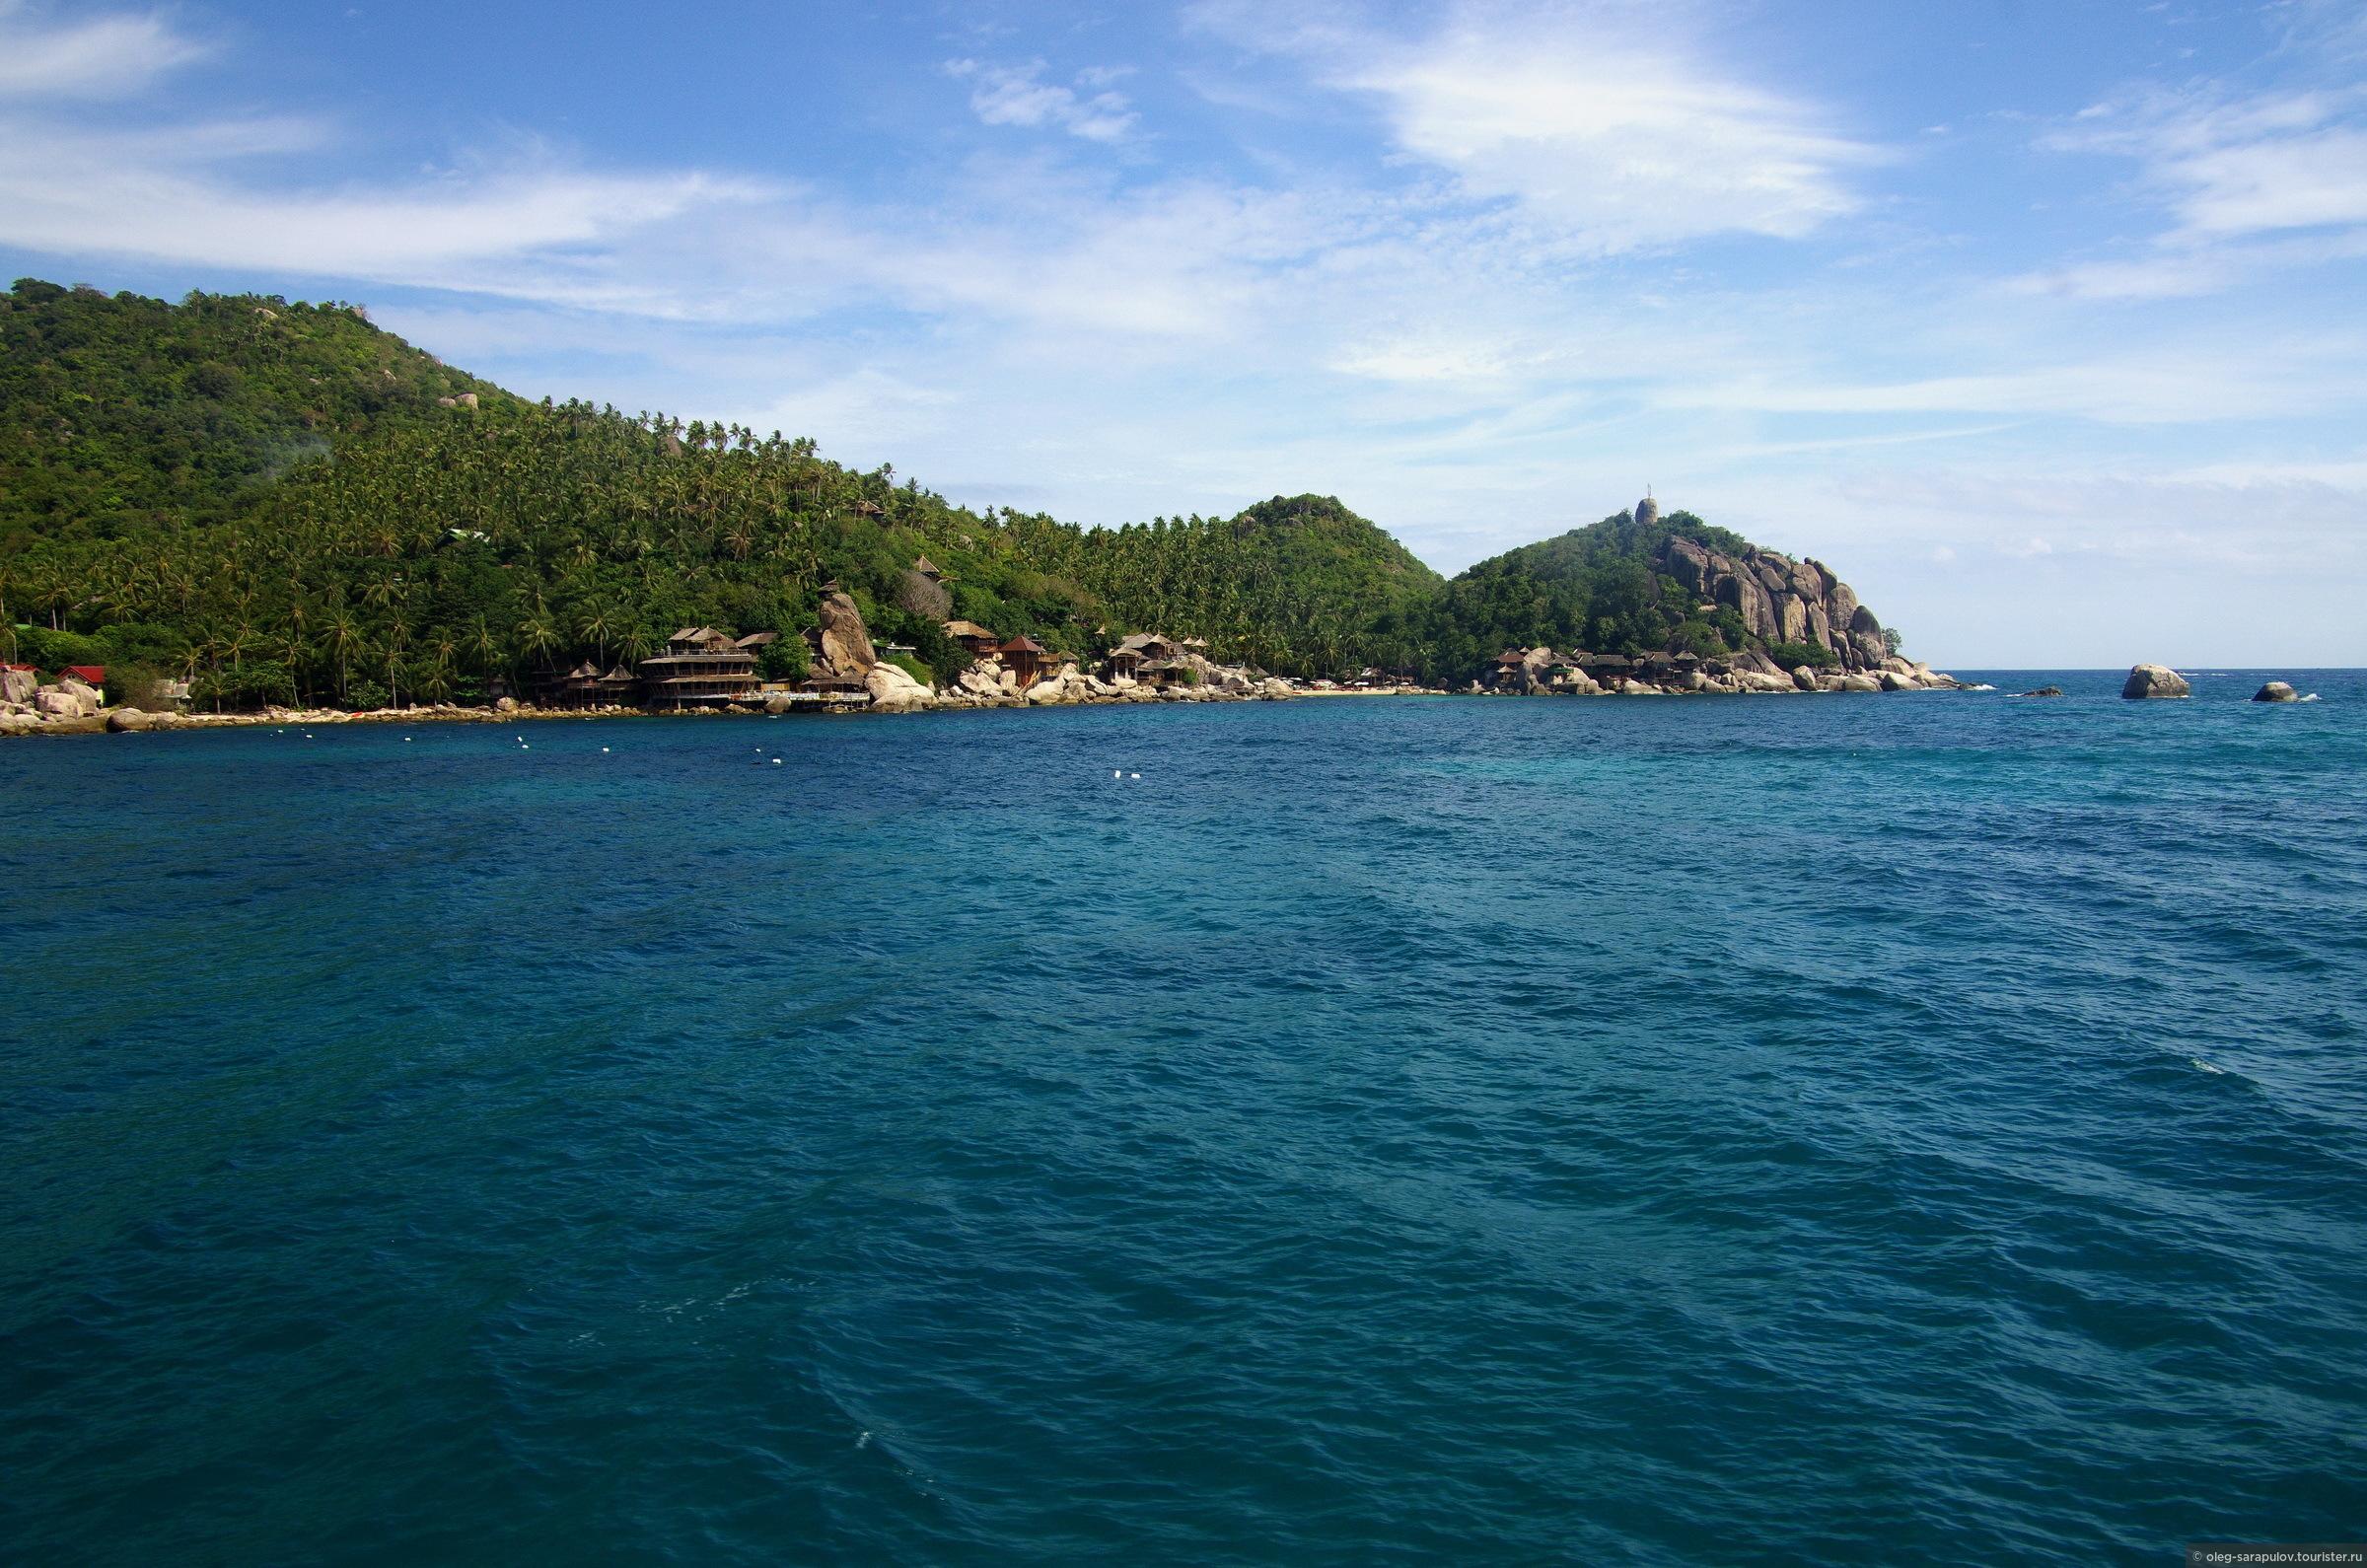 подходим к Koh Tao. большинство отелей на берегу - бунгала, расположенные на скалах., Koh Tao, Thailand